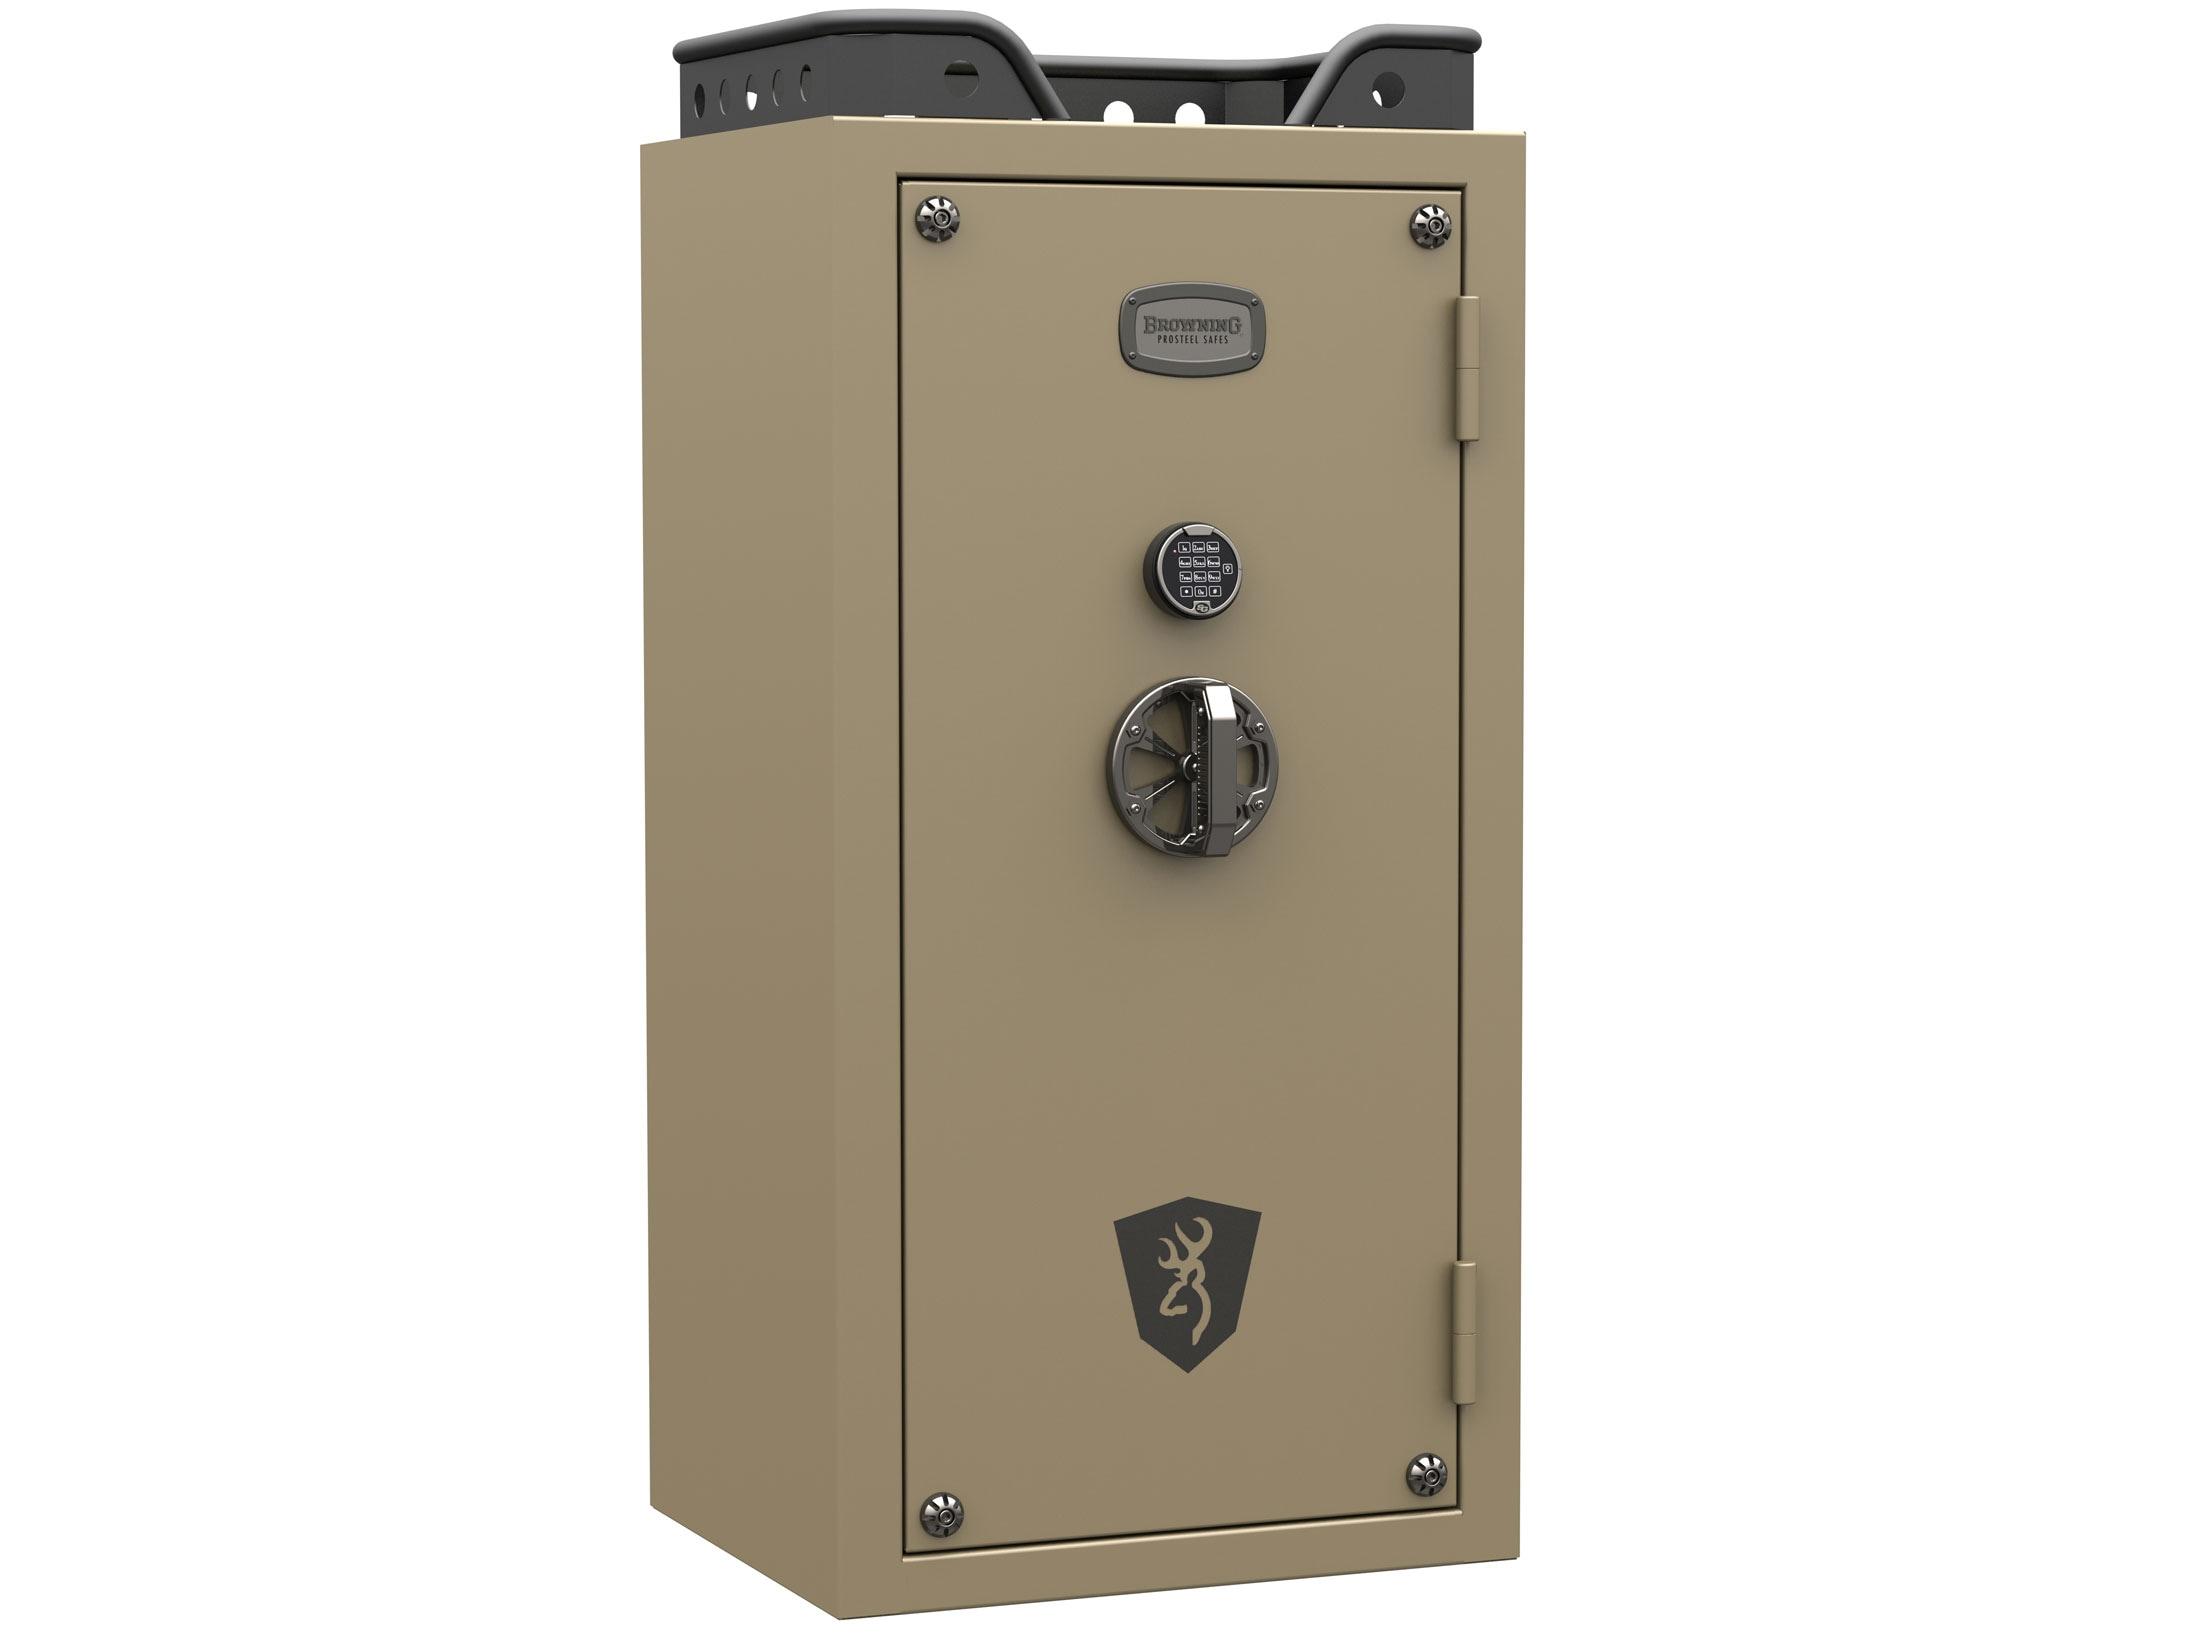 Browning Black Label Mark IV Fire-Resistant 49 Gun Safe Electronic